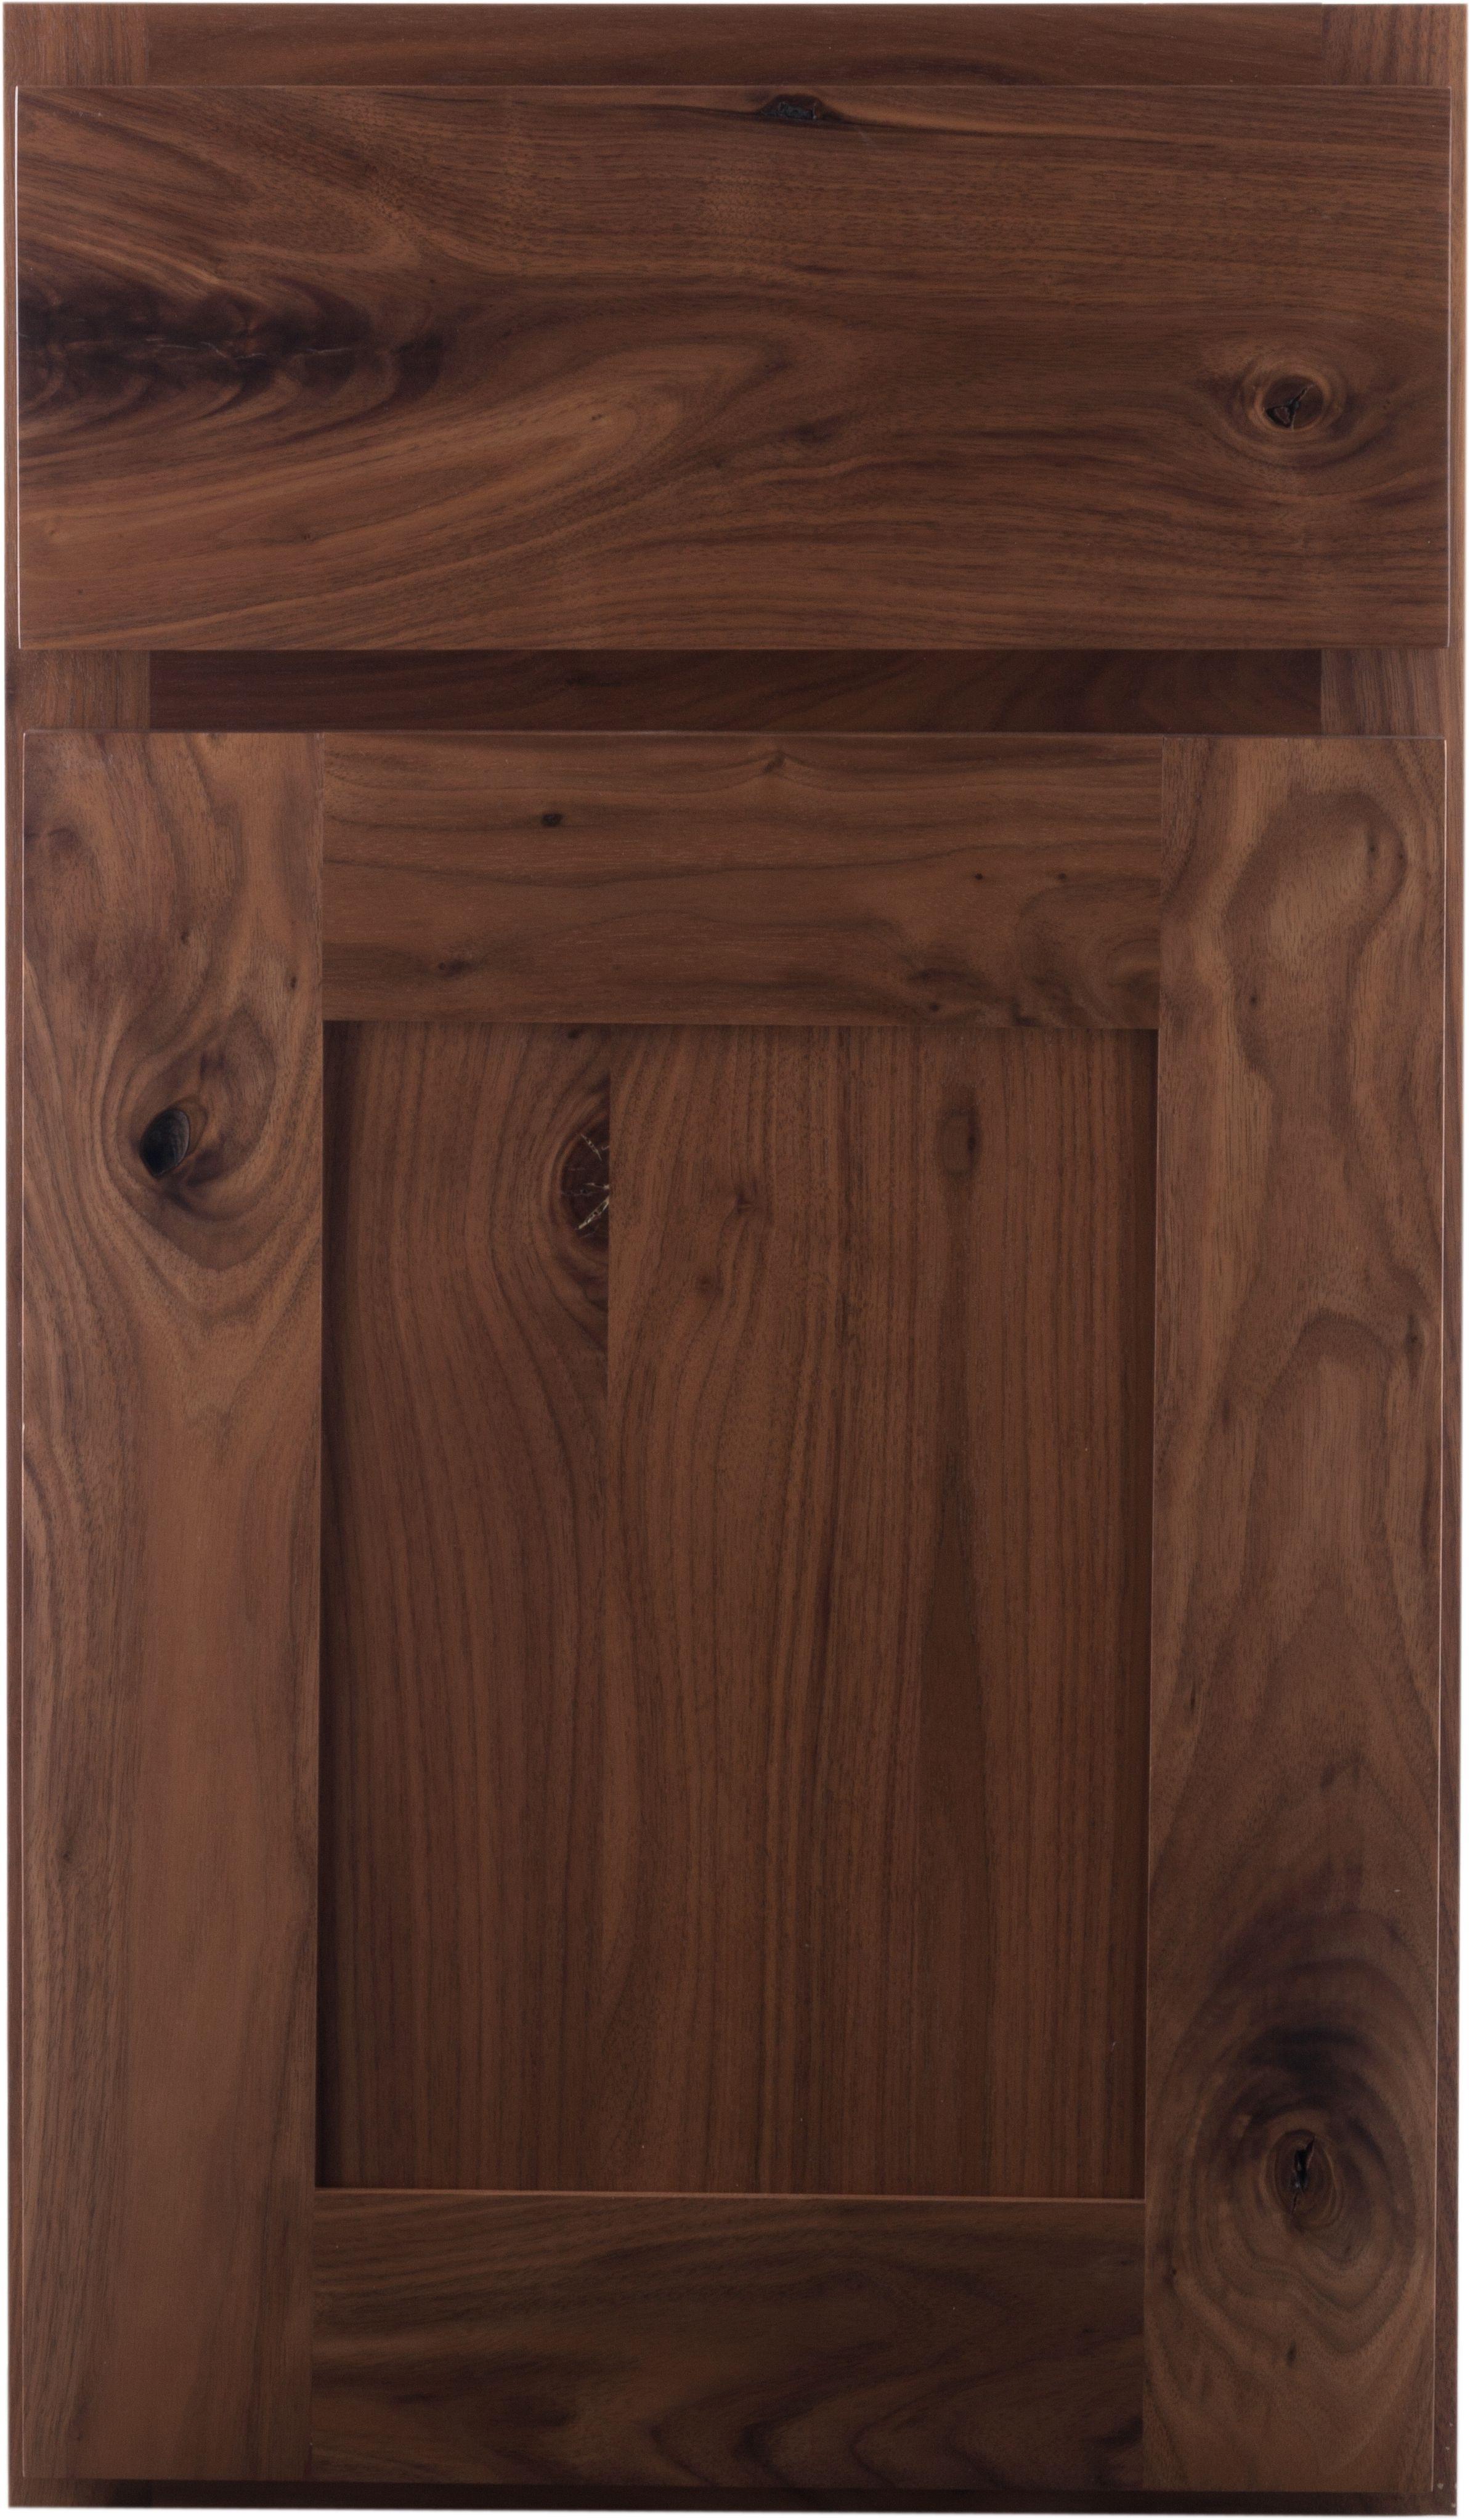 Crown Cabinets Bigcreek Knotty Walnut Natural Kitchen Decor Modern Kitchen Decor Styles Vintage Kitchen Accessories